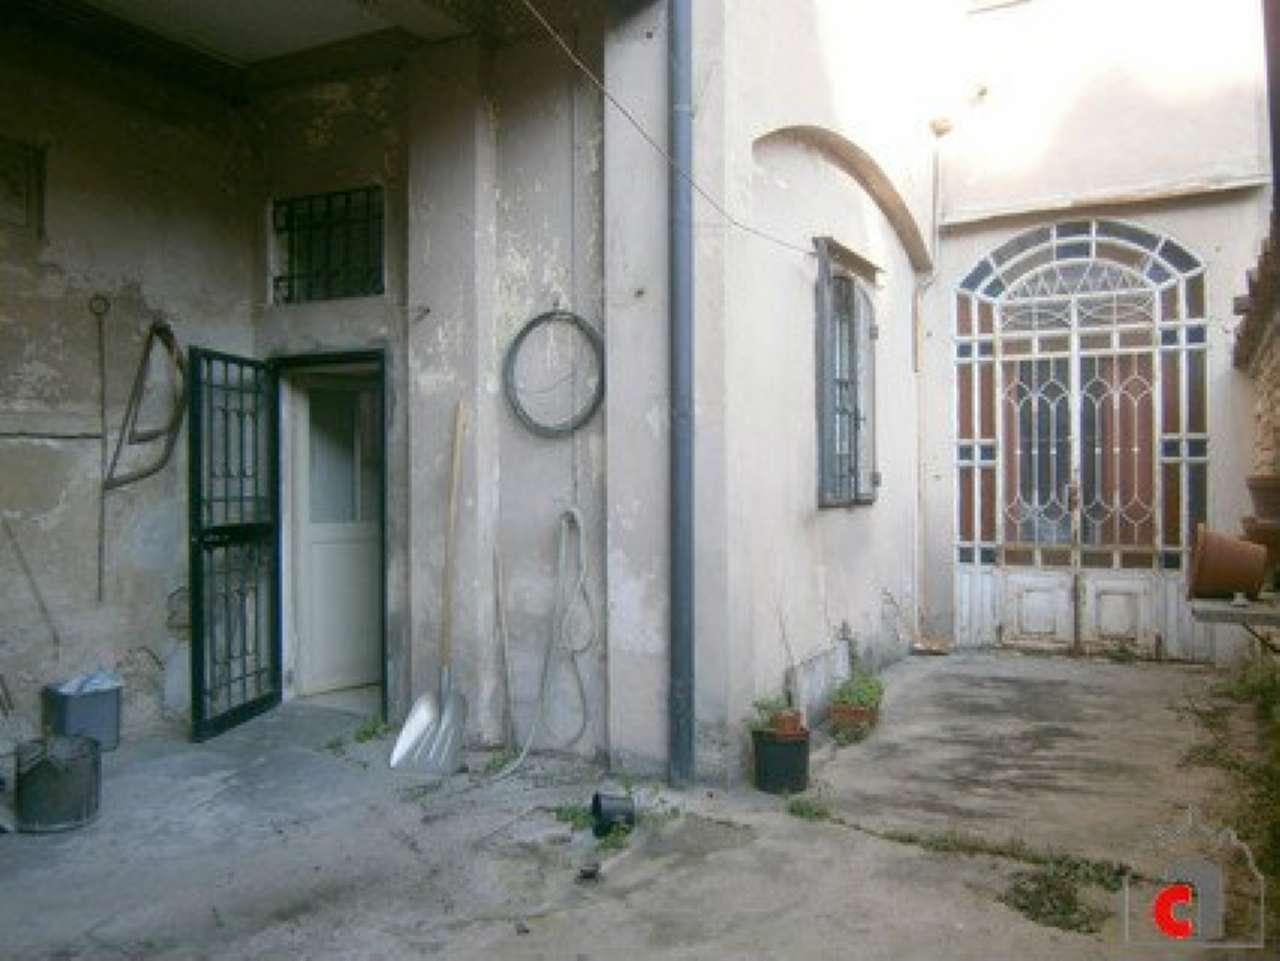 Palazzo / Stabile in vendita a Padova, 11 locali, zona Zona: 1 . Centro, prezzo € 690.000 | Cambio Casa.it